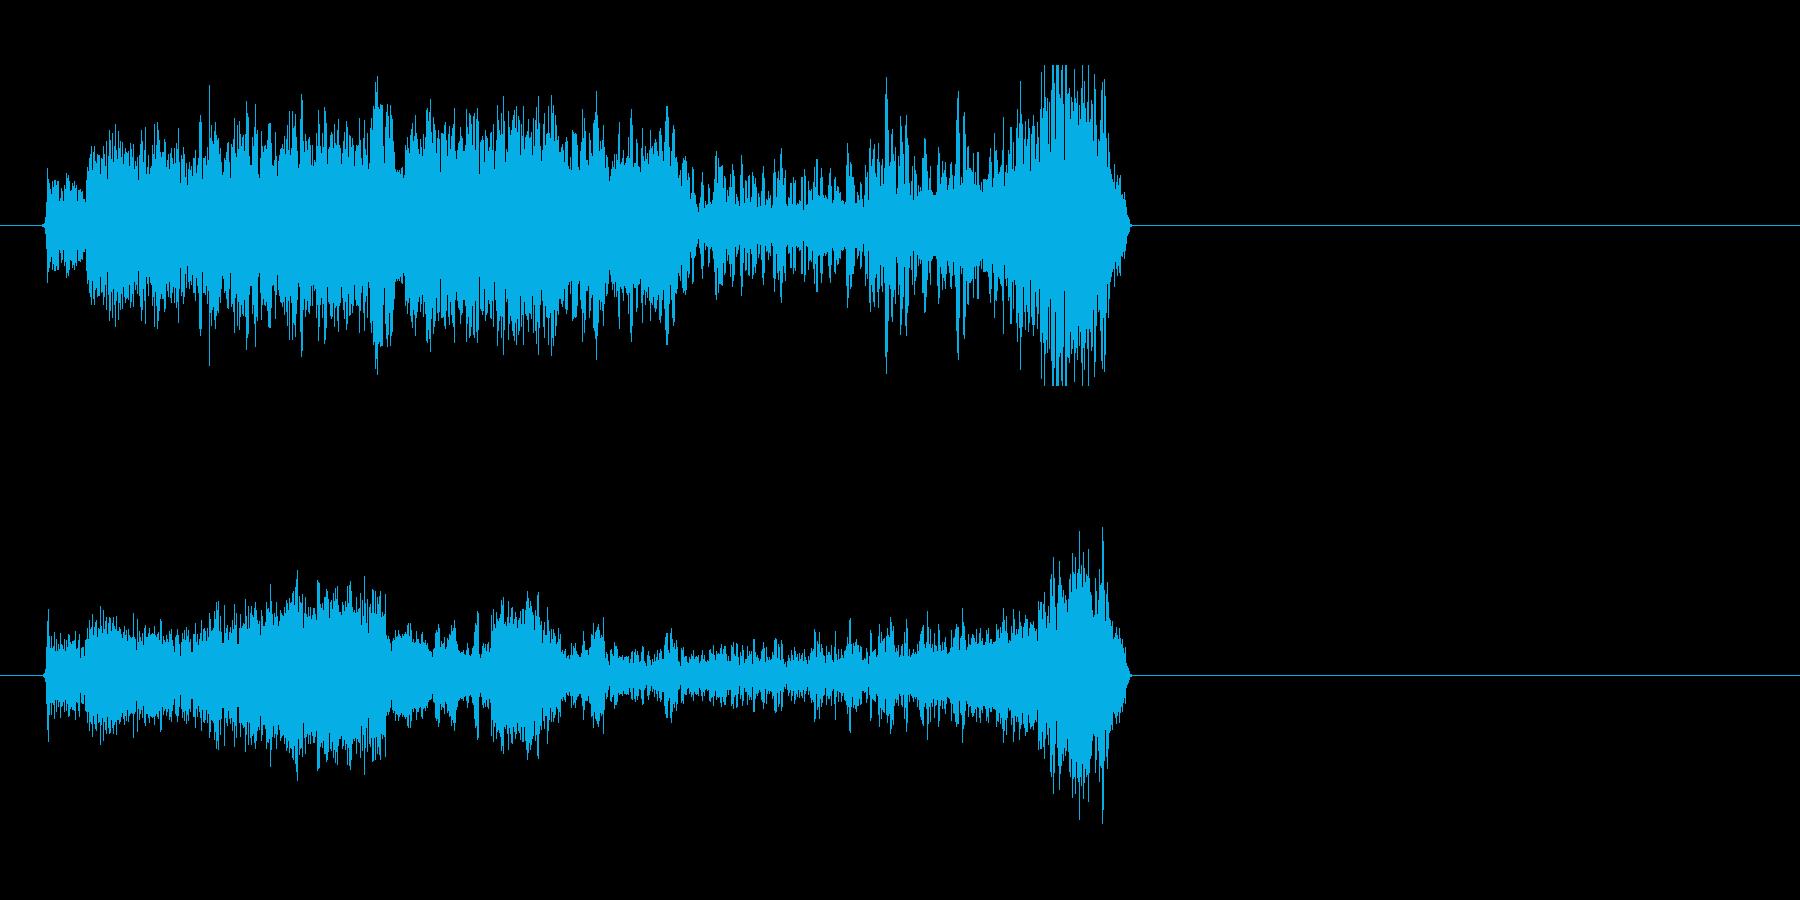 ハイクオリティなFMラジオジングルの再生済みの波形